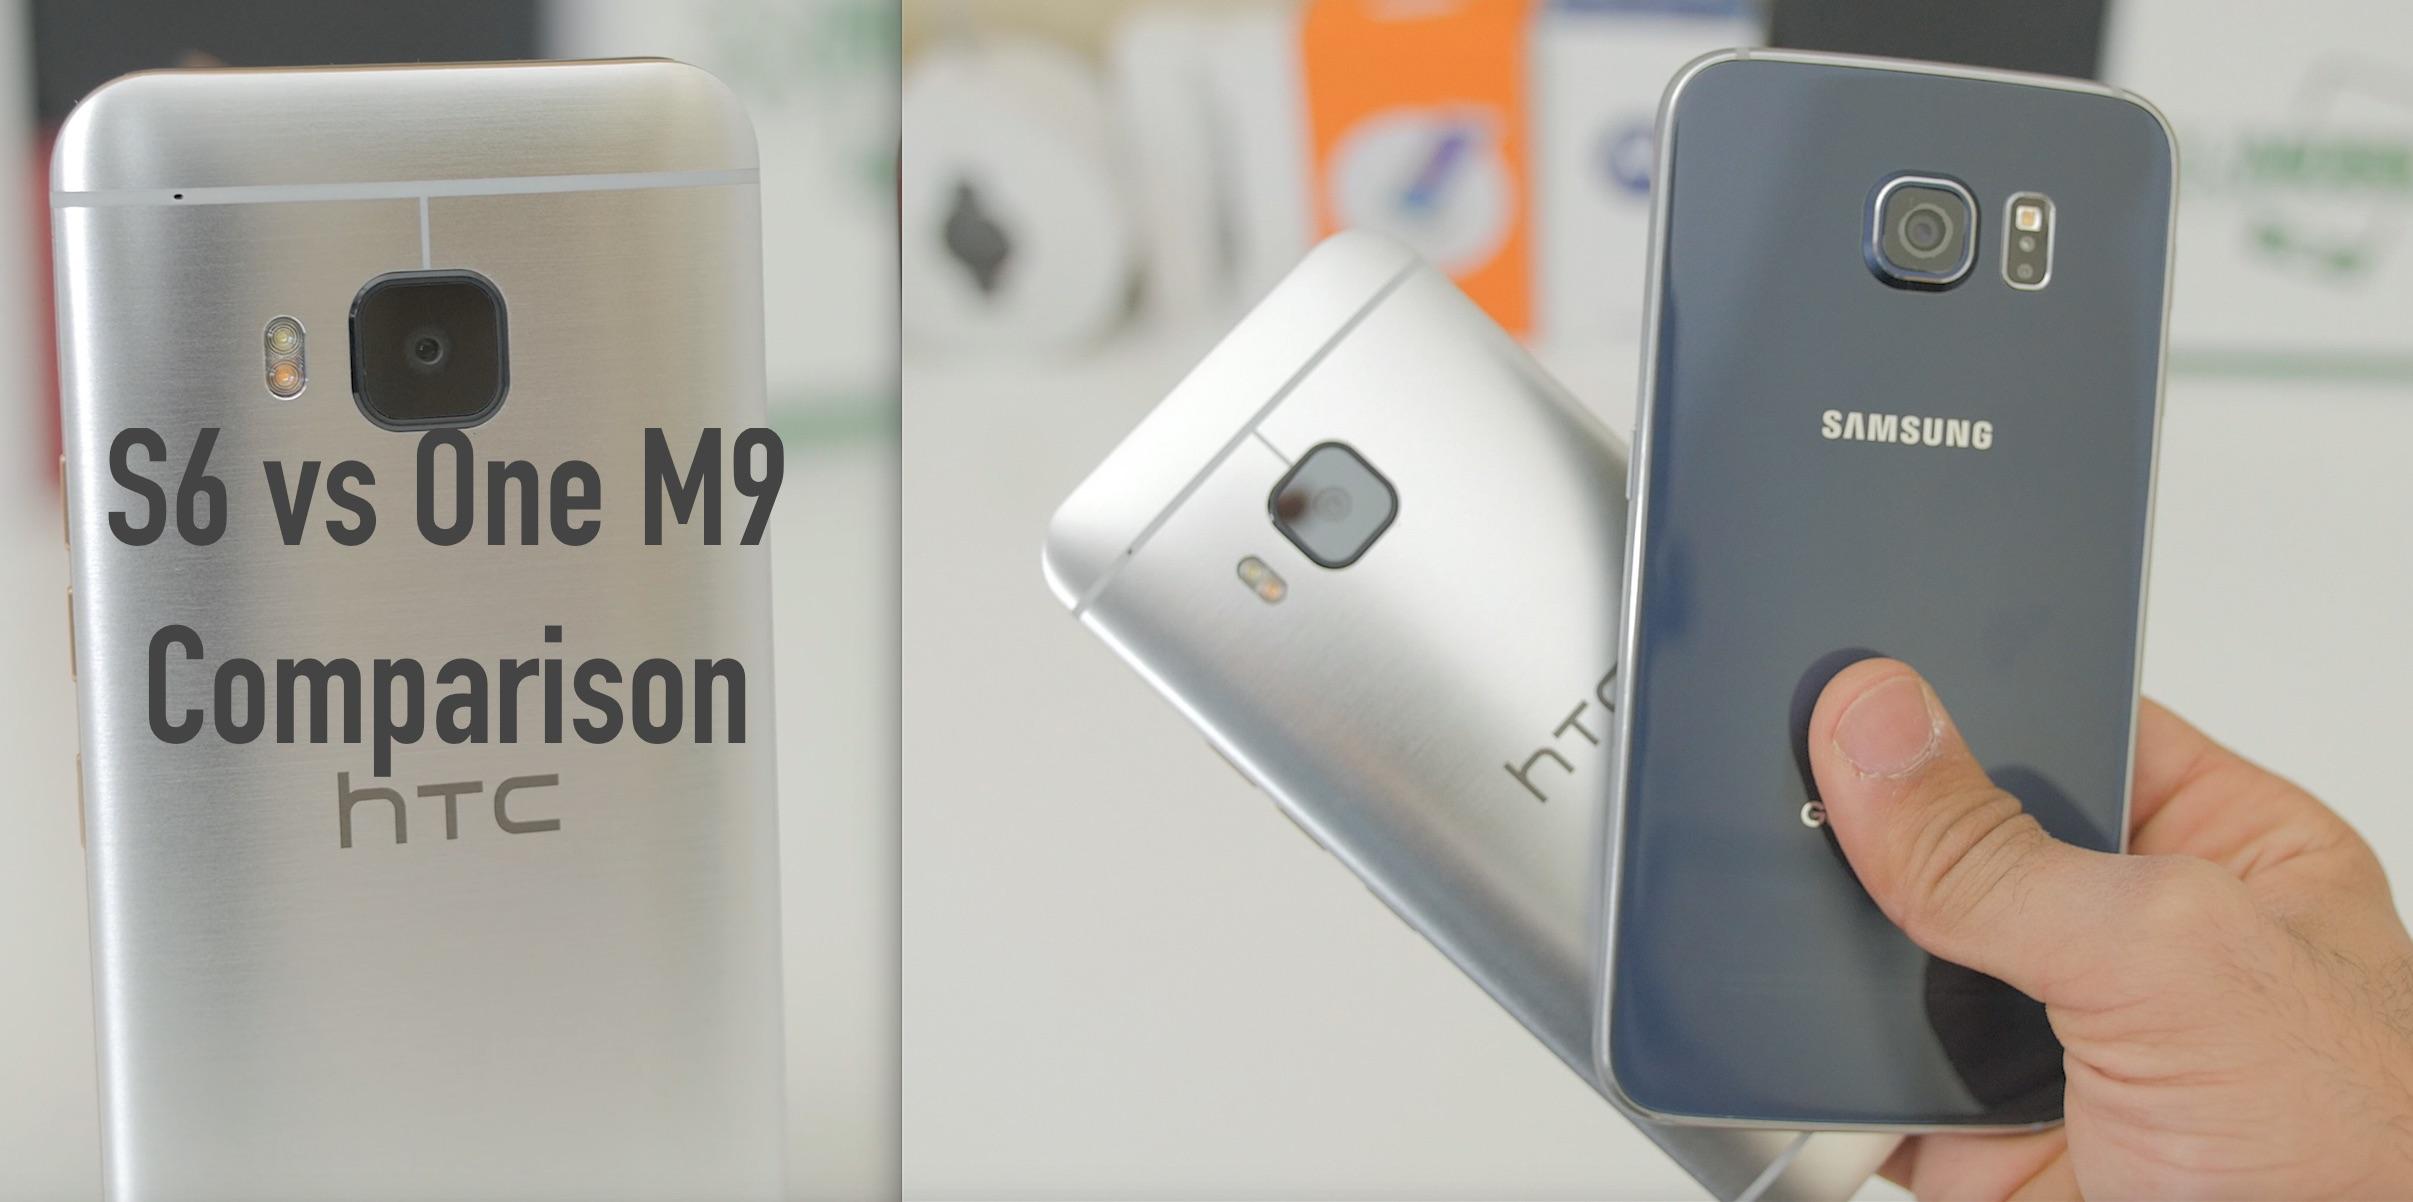 Samsung Galaxy S6 vs HTC One M9: Comparison